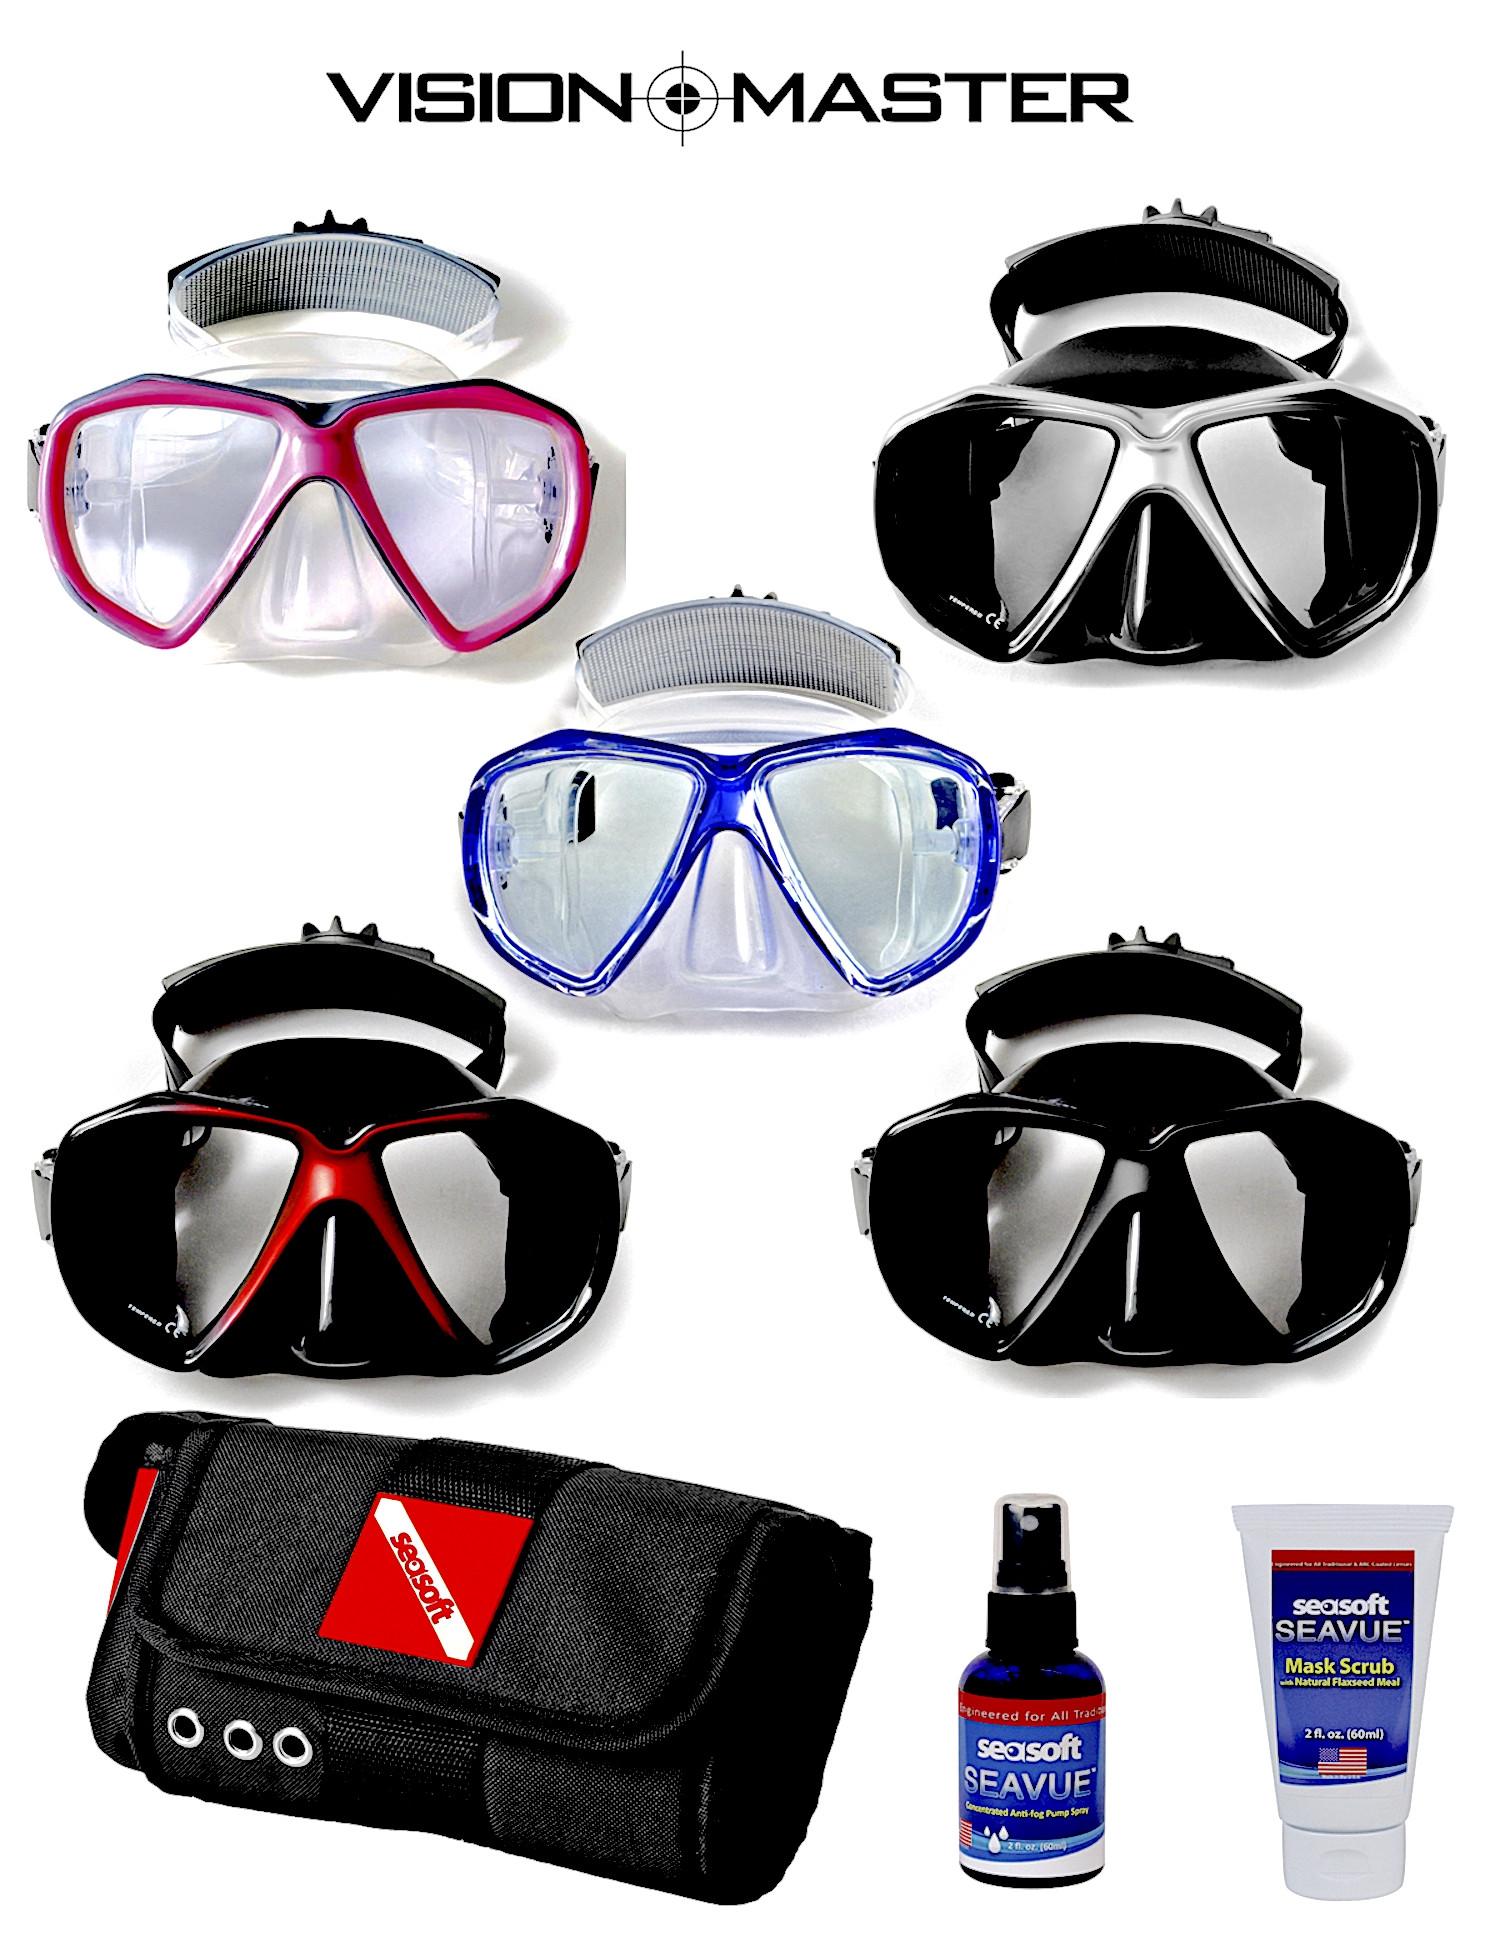 SEASOFT VISIONMASTER Super Mask™